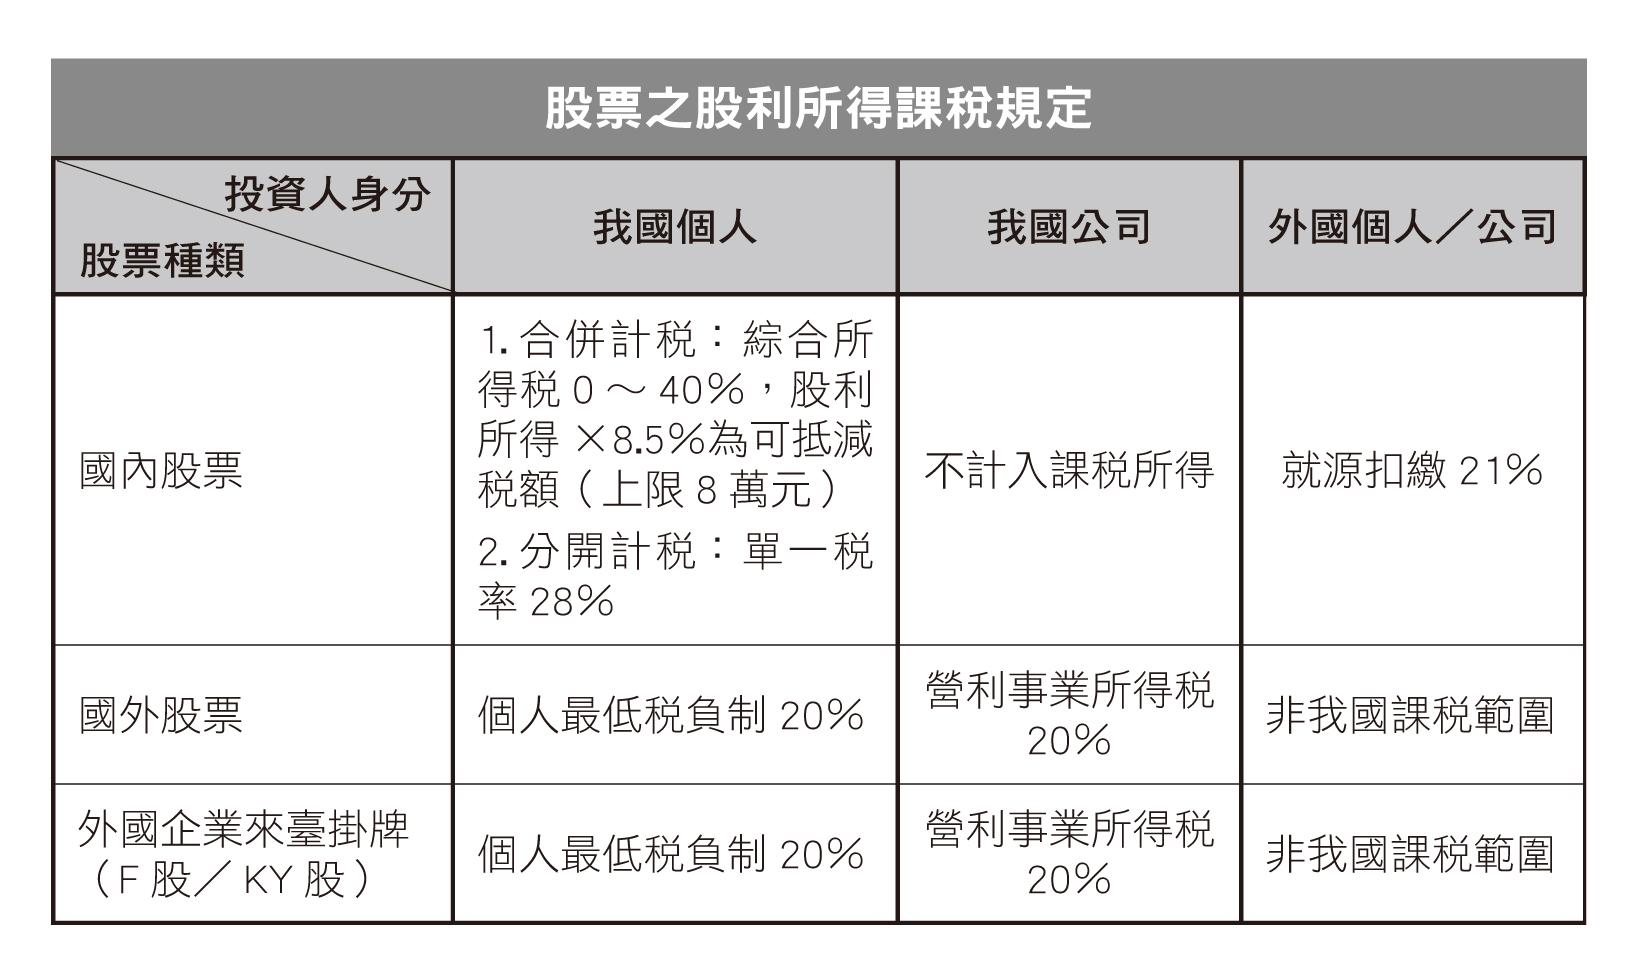 事業 主 計算 個人 所得税 個人事業主の所得税計算【シミュレーション・図解付き】